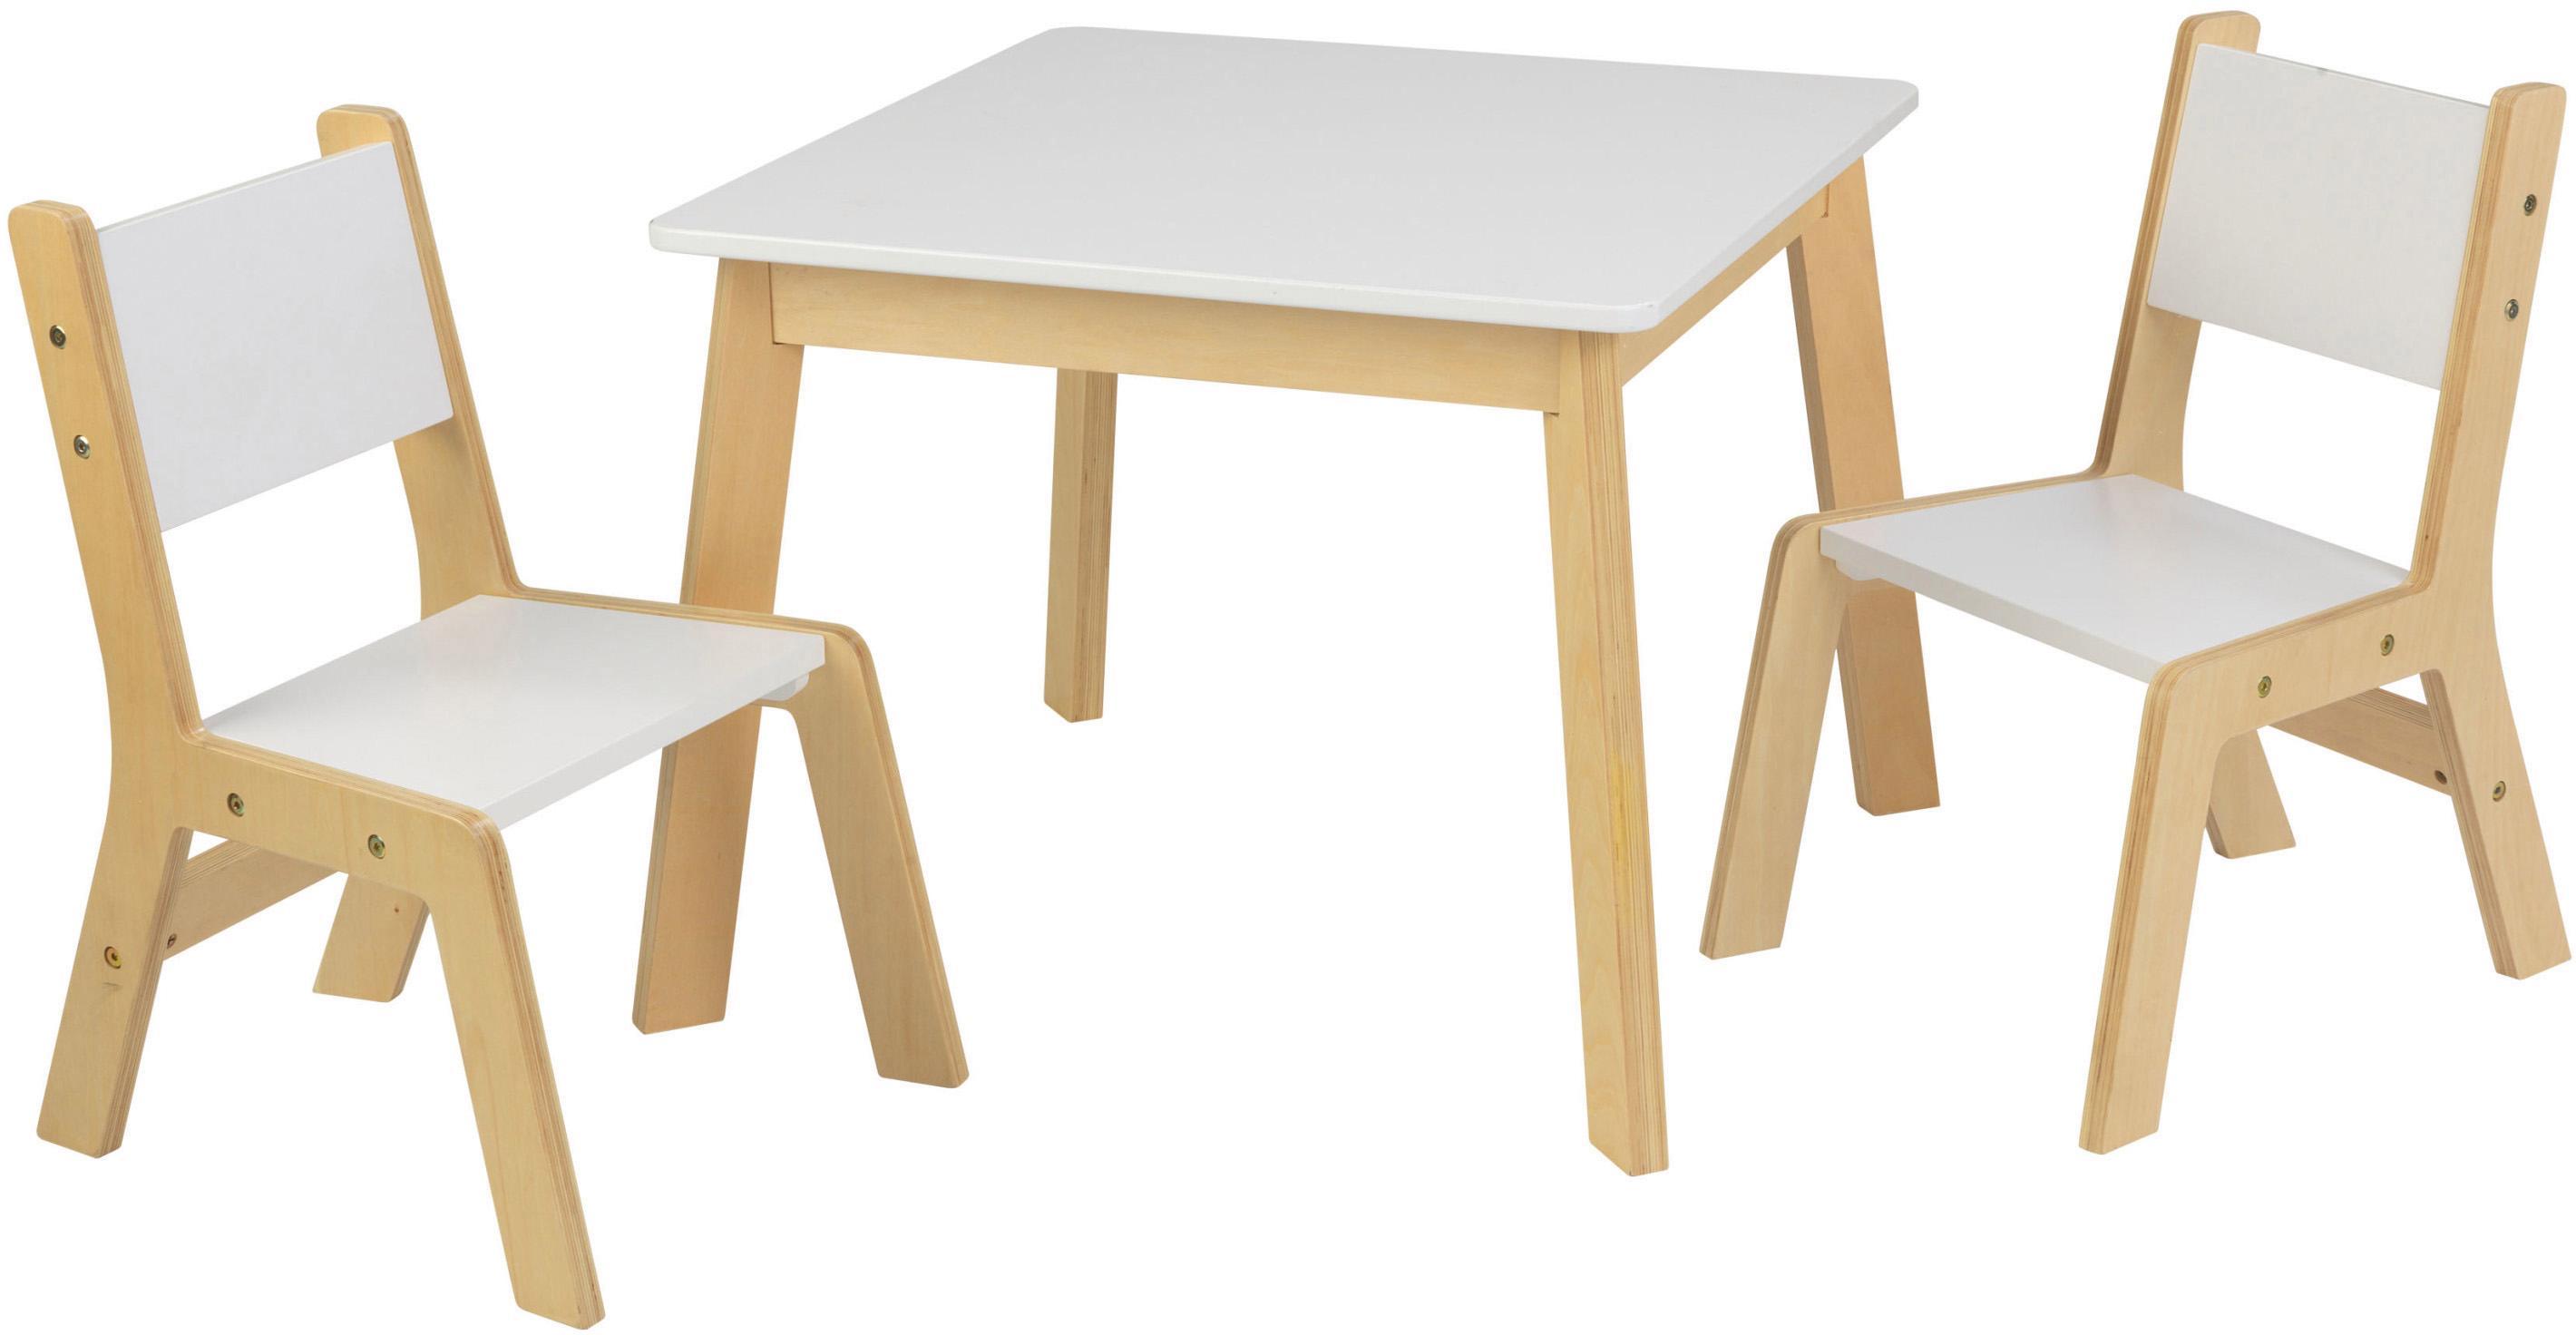 KidKraft® Kindermöbel, »Moderner Tisch mit 2 Stühlen« auf Raten